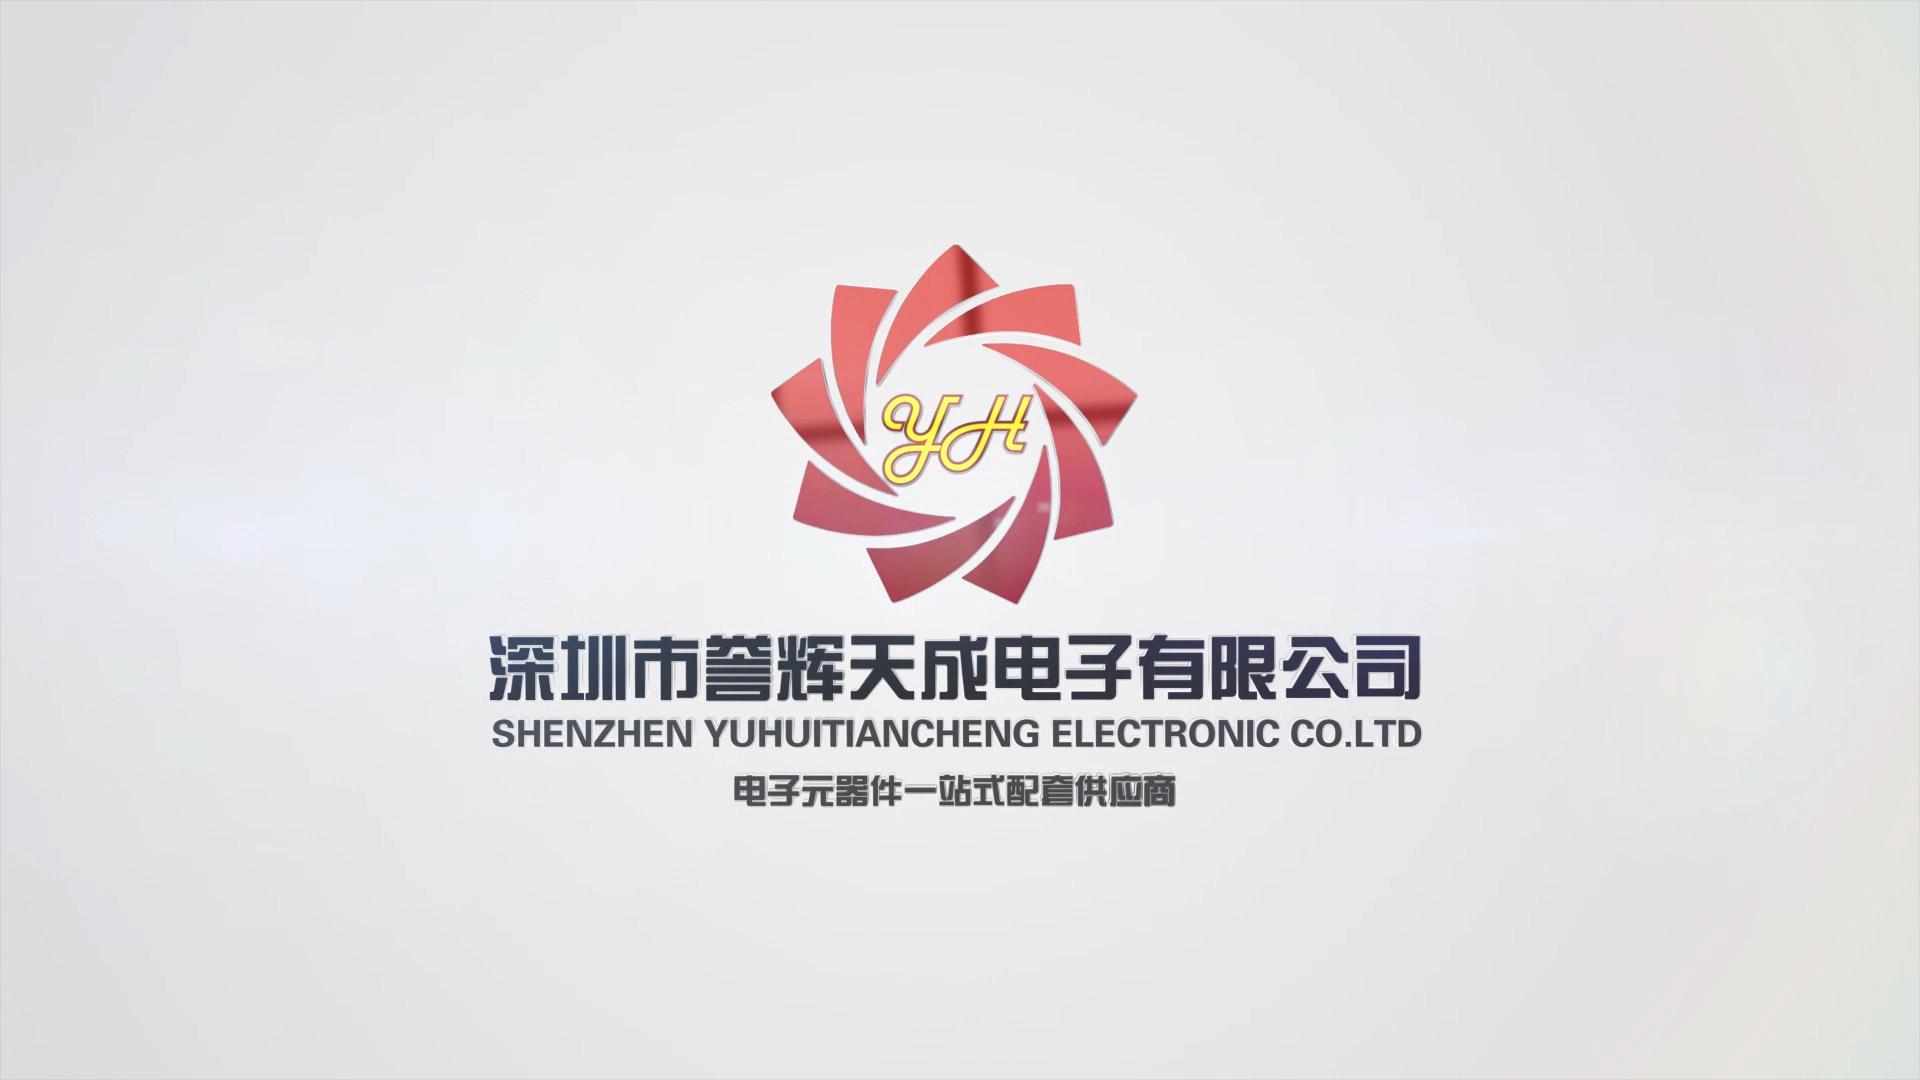 深圳市誉辉天成电子有限公司―电子元器件代理分销商